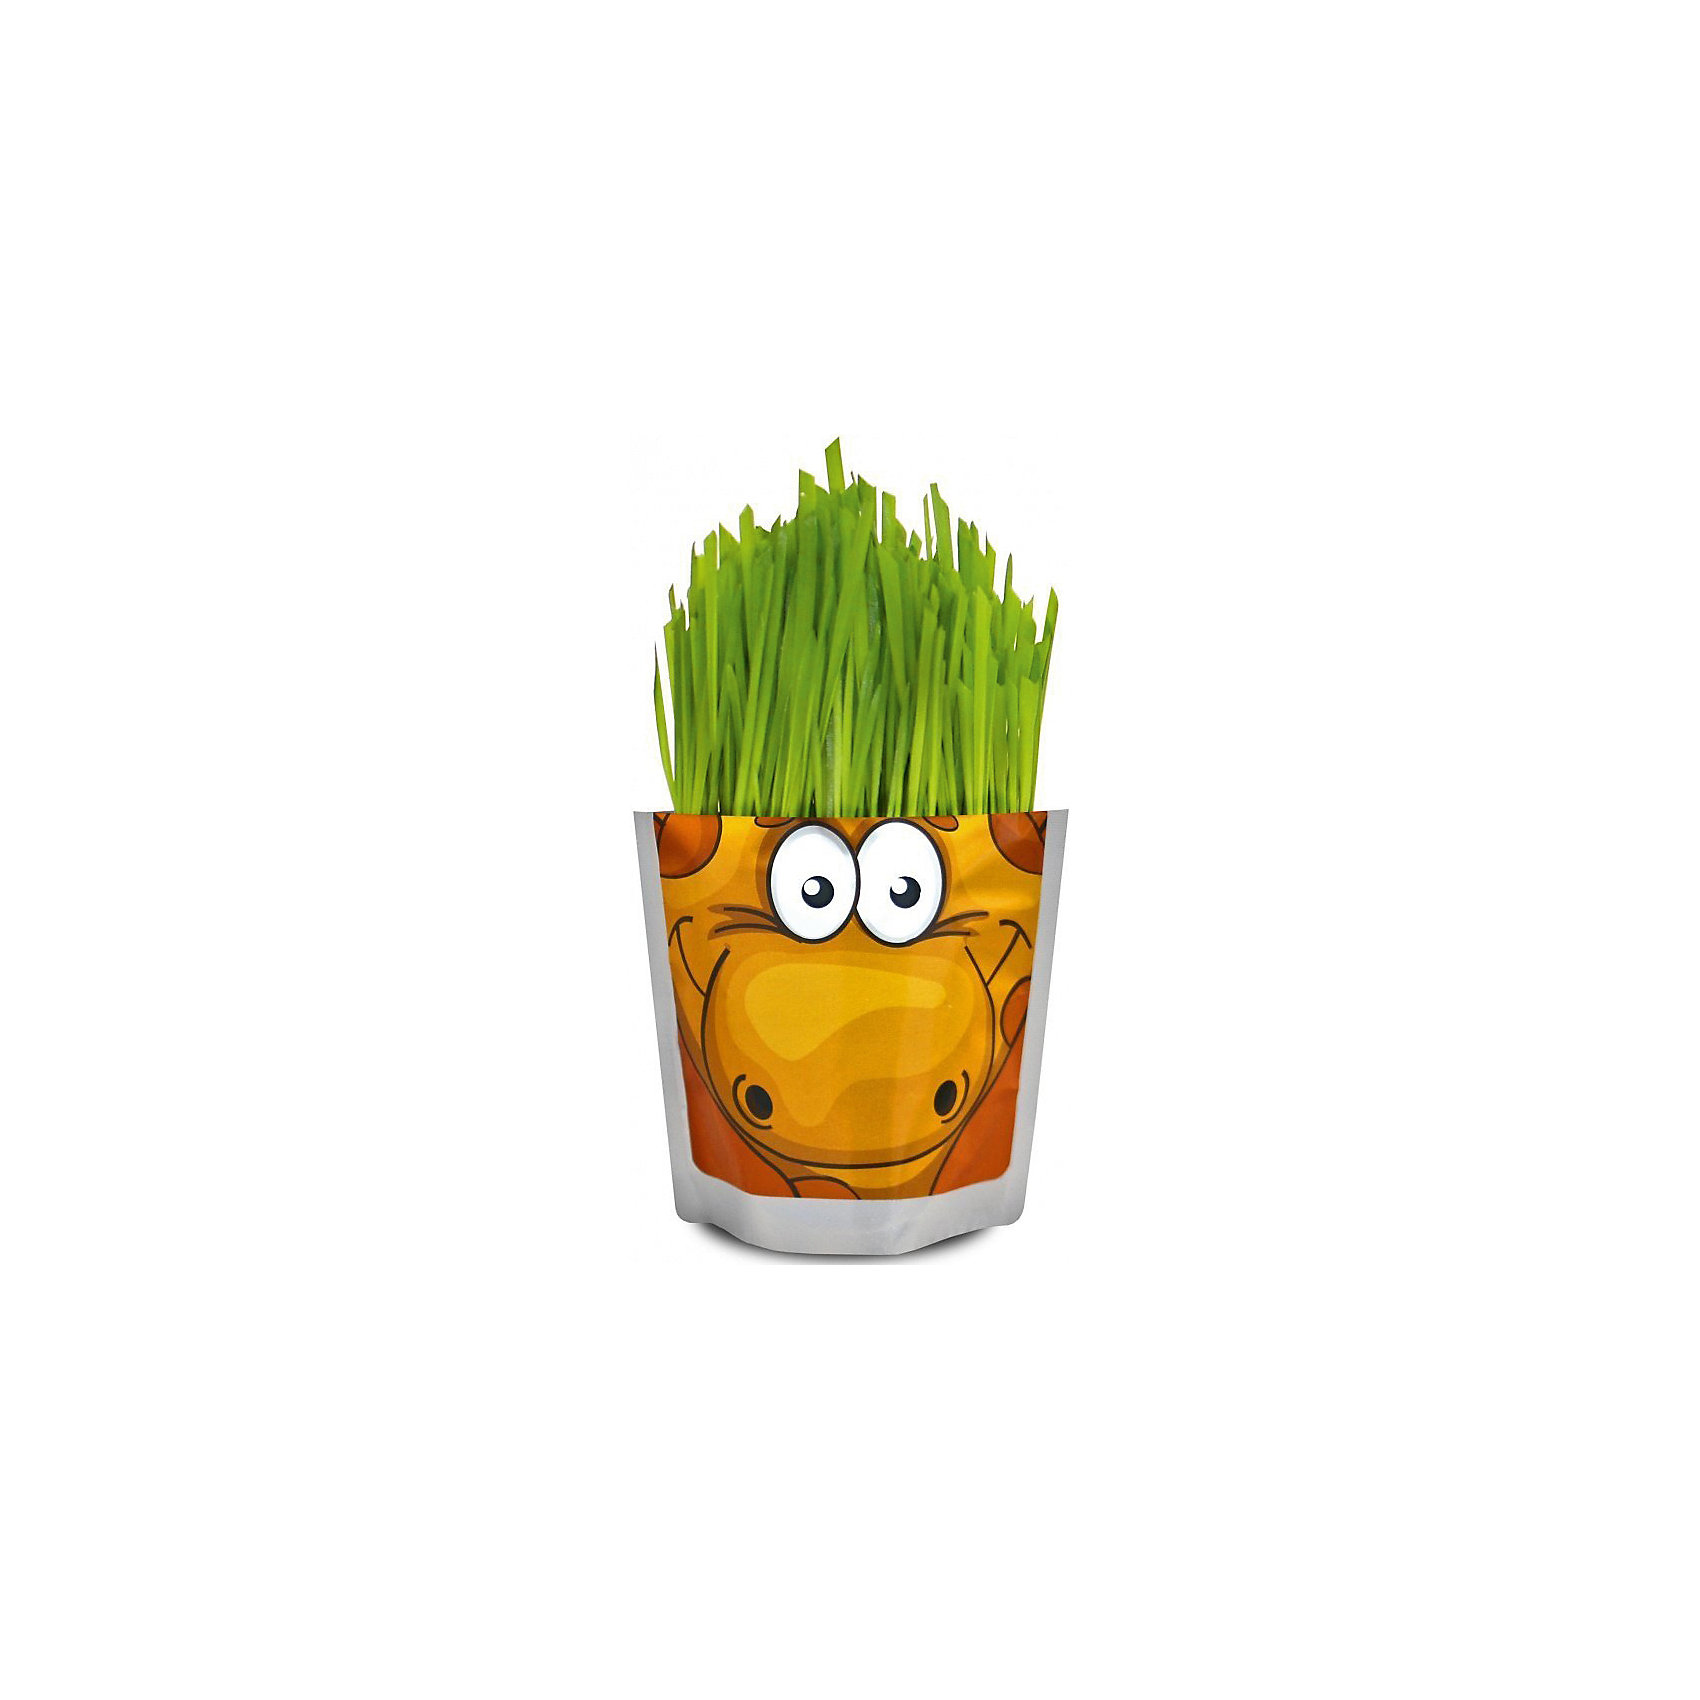 Набор для выращивания Сафари - Жираф Happy PlantНаборы для выращивания растений<br>Happy Plant Жираф.<br><br>Характеристики:<br><br>• научит ребенка выращивать растения и ухаживать за ними<br>• развивает фантазию <br>• яркий оригинальный дизайн<br>• качественные семена<br>• в комплекте: пакет-горшочек, органический субстрат для посадки, семена, лопатка, инструкция<br>• размер: 18х13 см<br>• объем: 500 мл<br>• Вес: 230 грамм<br><br>Забавный Жираф научит ребенка ухаживать за растениями. С помощью инструкции ребенок с радостью посадит семена и будет наблюдать за ростом травки. Ее можно подстригать, придавая различные формы. Кроме того, Вы сможете придумывать жирафу различные прически. Такой веселый жираф должен быть у каждого юного садовода!<br><br>Happy Plant Жираф, Вы можете купить в нашем интернет-магазине.<br><br>Ширина мм: 180<br>Глубина мм: 130<br>Высота мм: 80<br>Вес г: 230<br>Возраст от месяцев: 168<br>Возраст до месяцев: 240<br>Пол: Унисекс<br>Возраст: Детский<br>SKU: 5053994